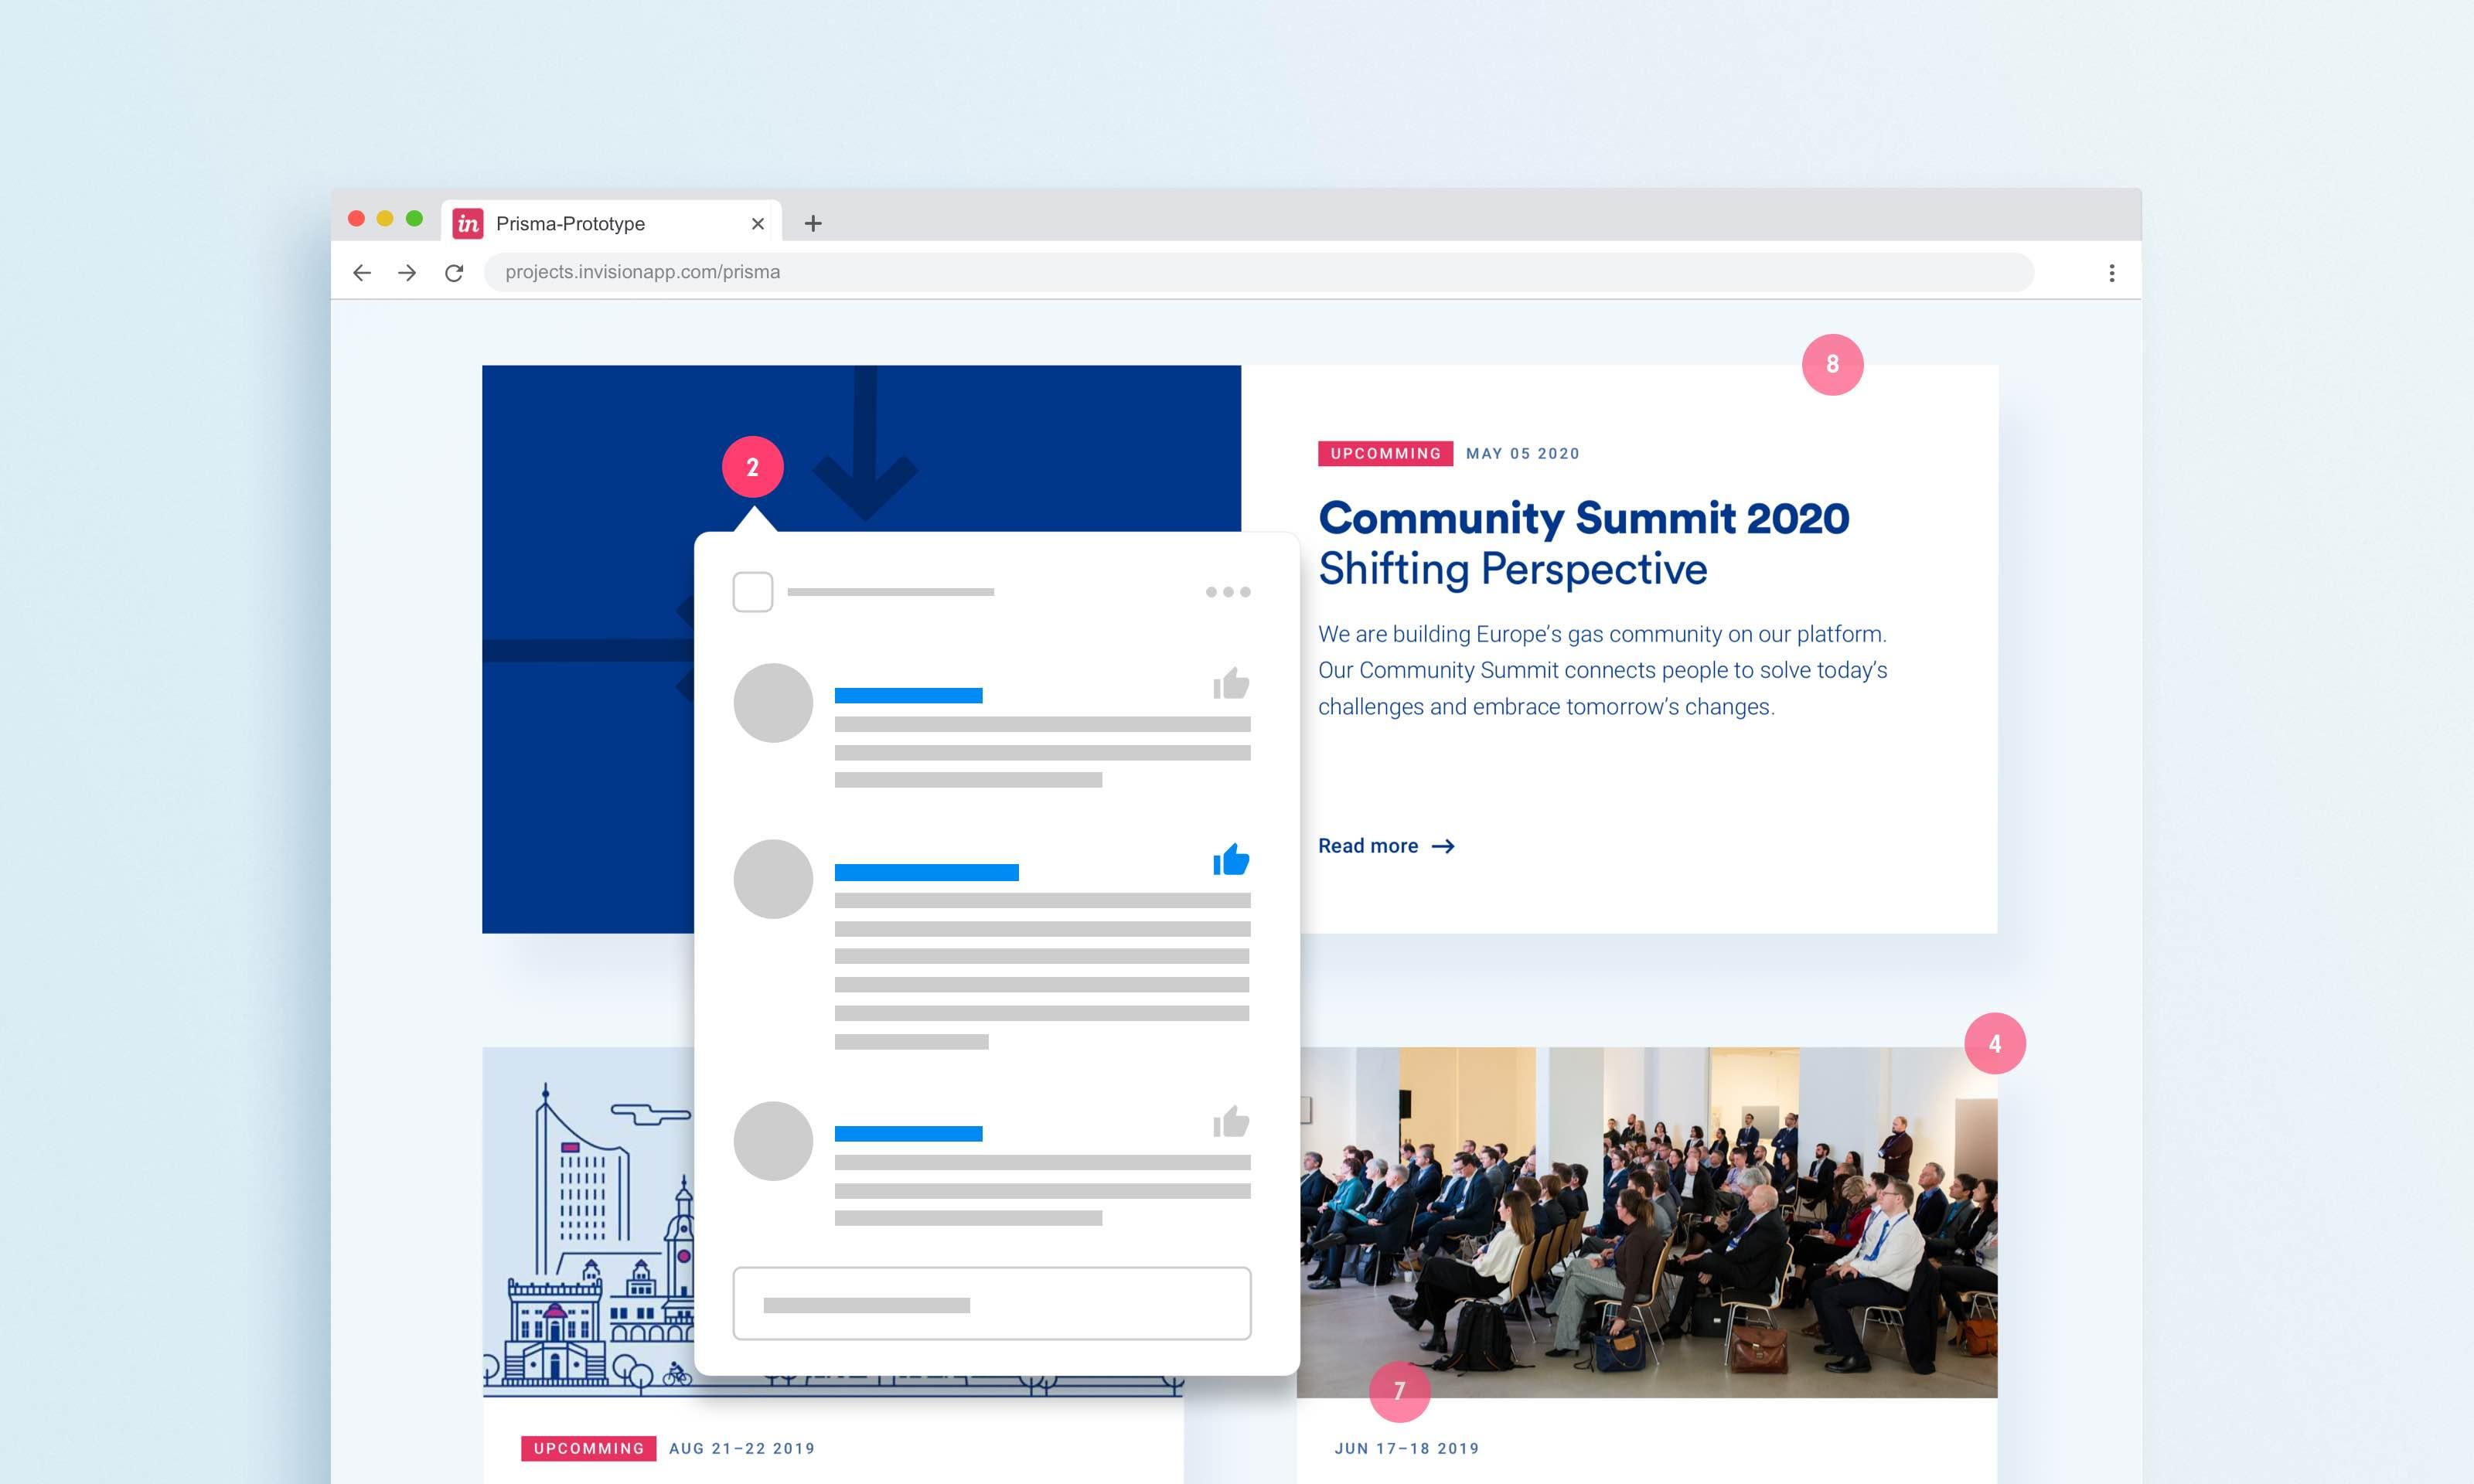 Browserfenster auf hellblauen Hintergrund mit Detail einer Seite, darauf Kreise in Magenta mit Zahlen, ein Kreis aktiv, darunter reduzierte Darstellung der Kommentare